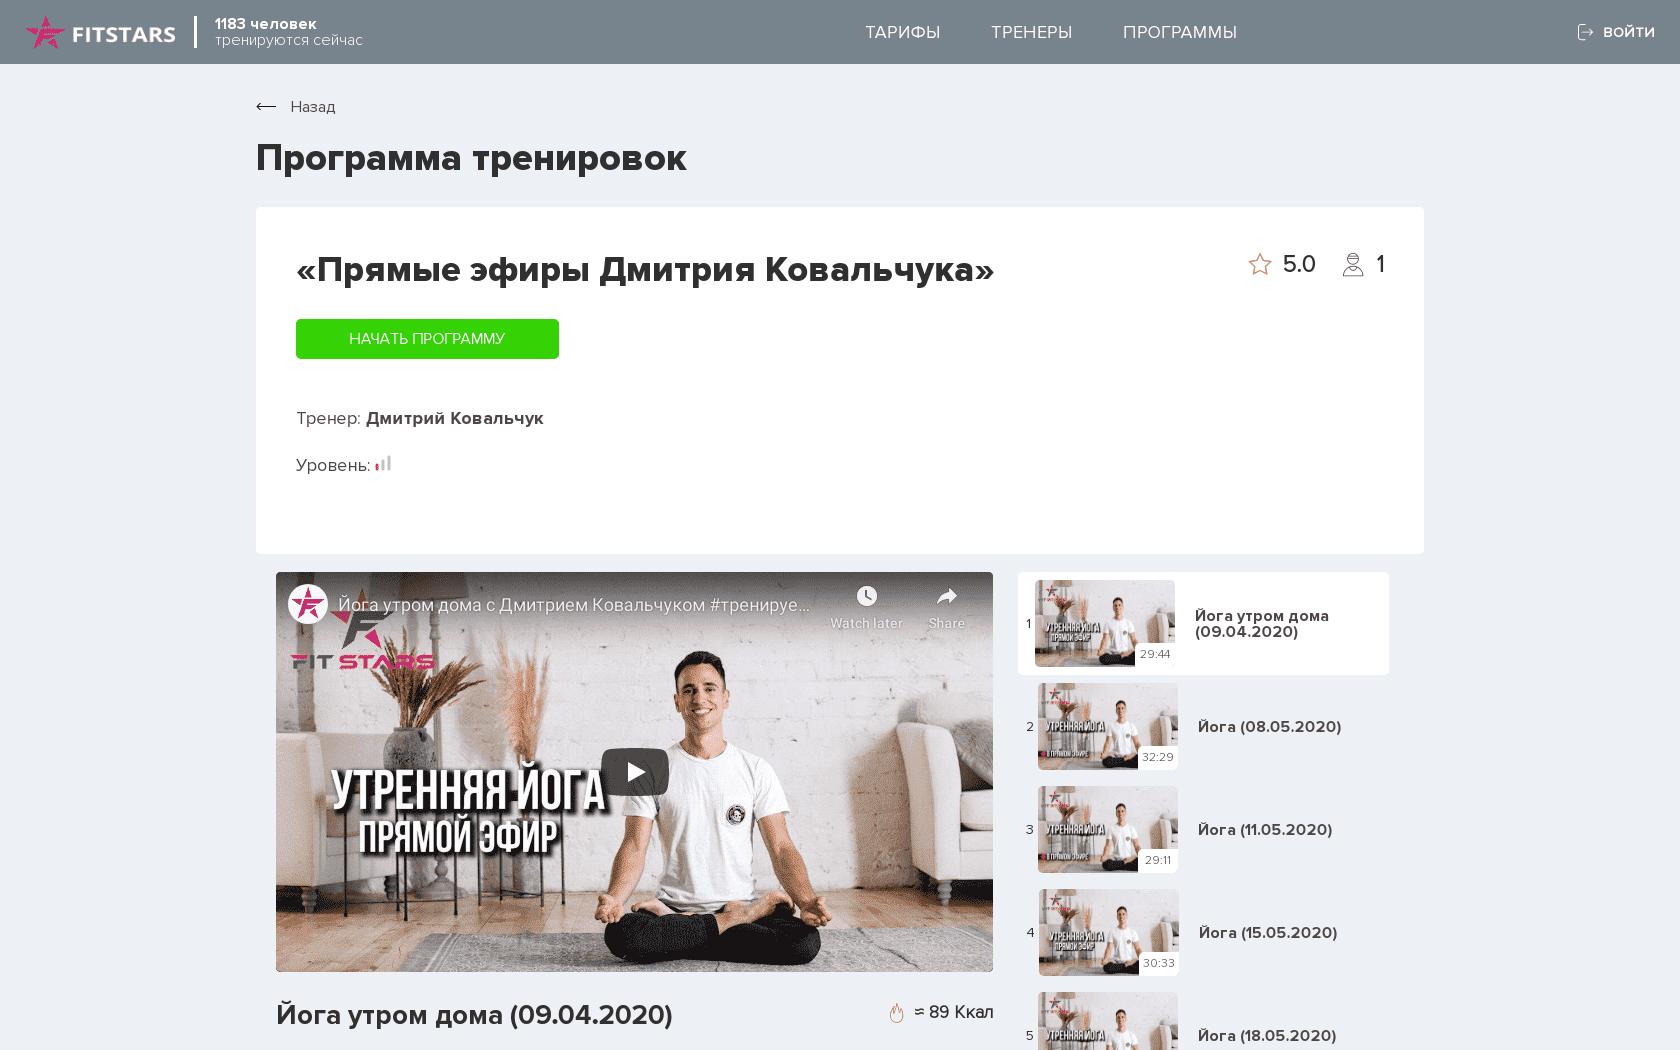 Прямые эфиры Дмитрия Ковальчука